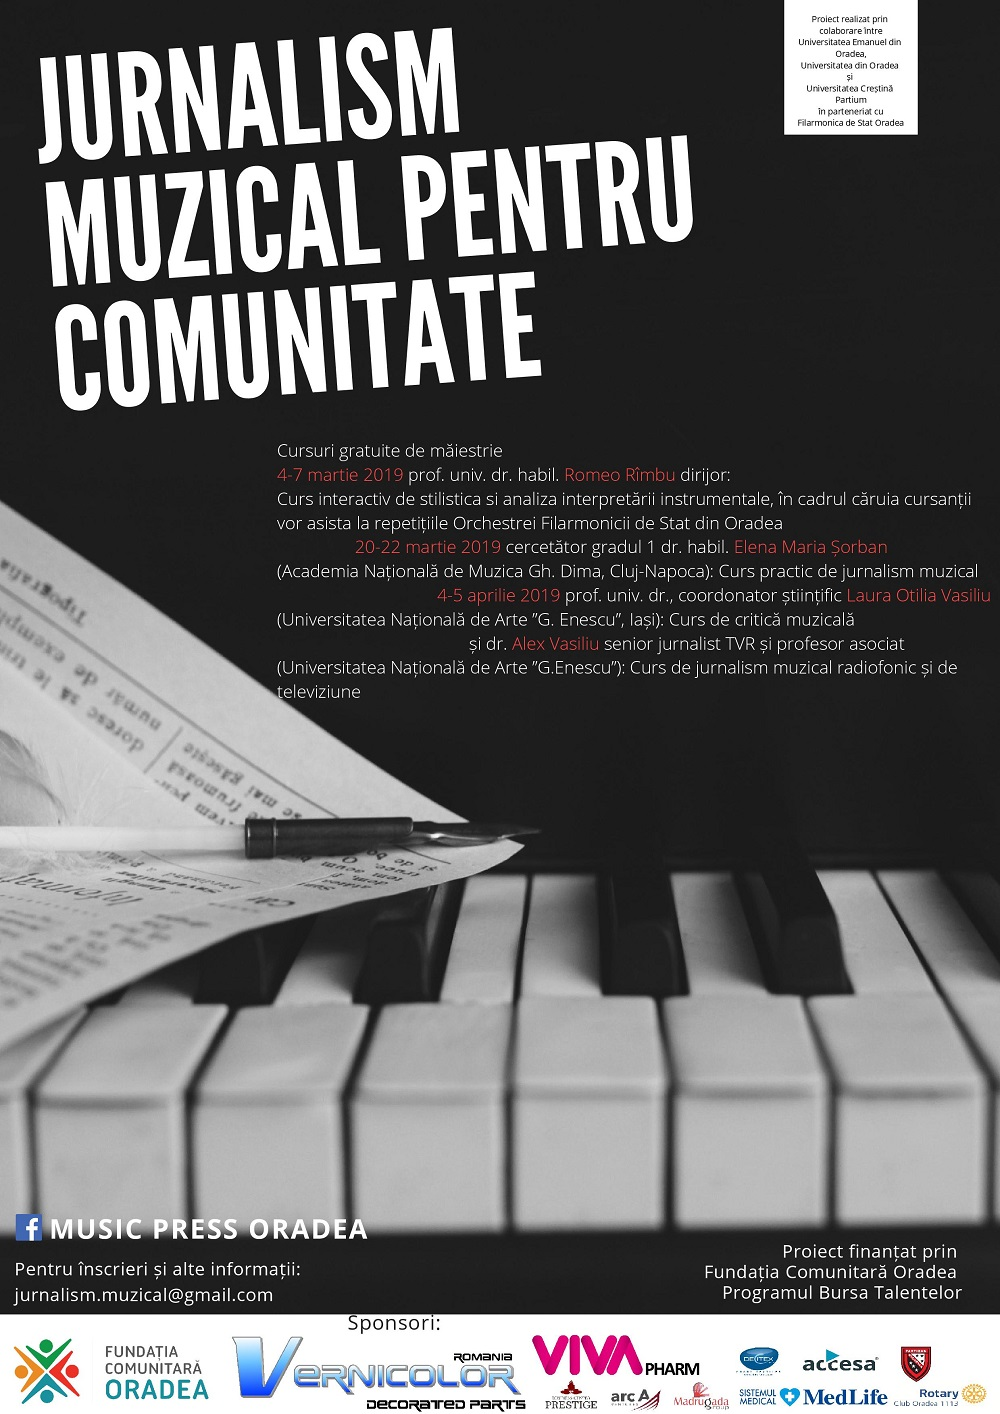 Jurnalism muzical pentru comunitate